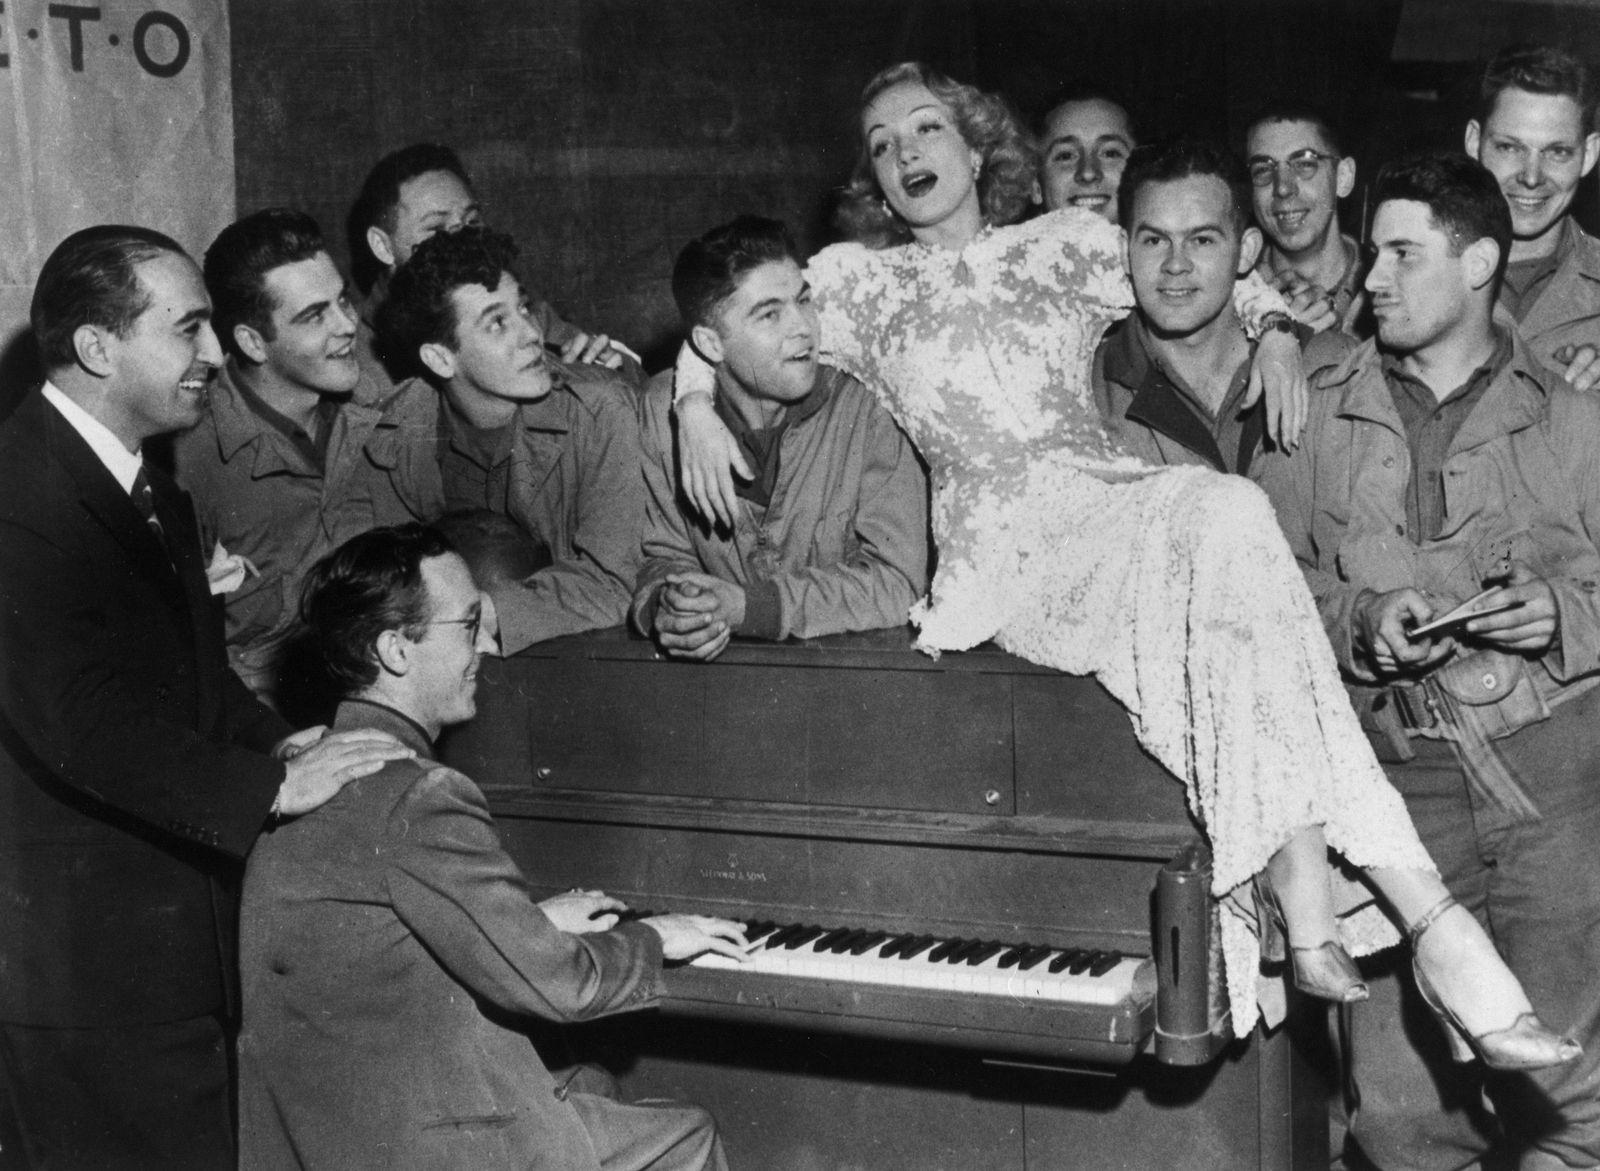 Henkersmahlzeit - Marlene Dietrich mit US-Soldaten bei einer Veranstaltung zur Truppenbetreuung